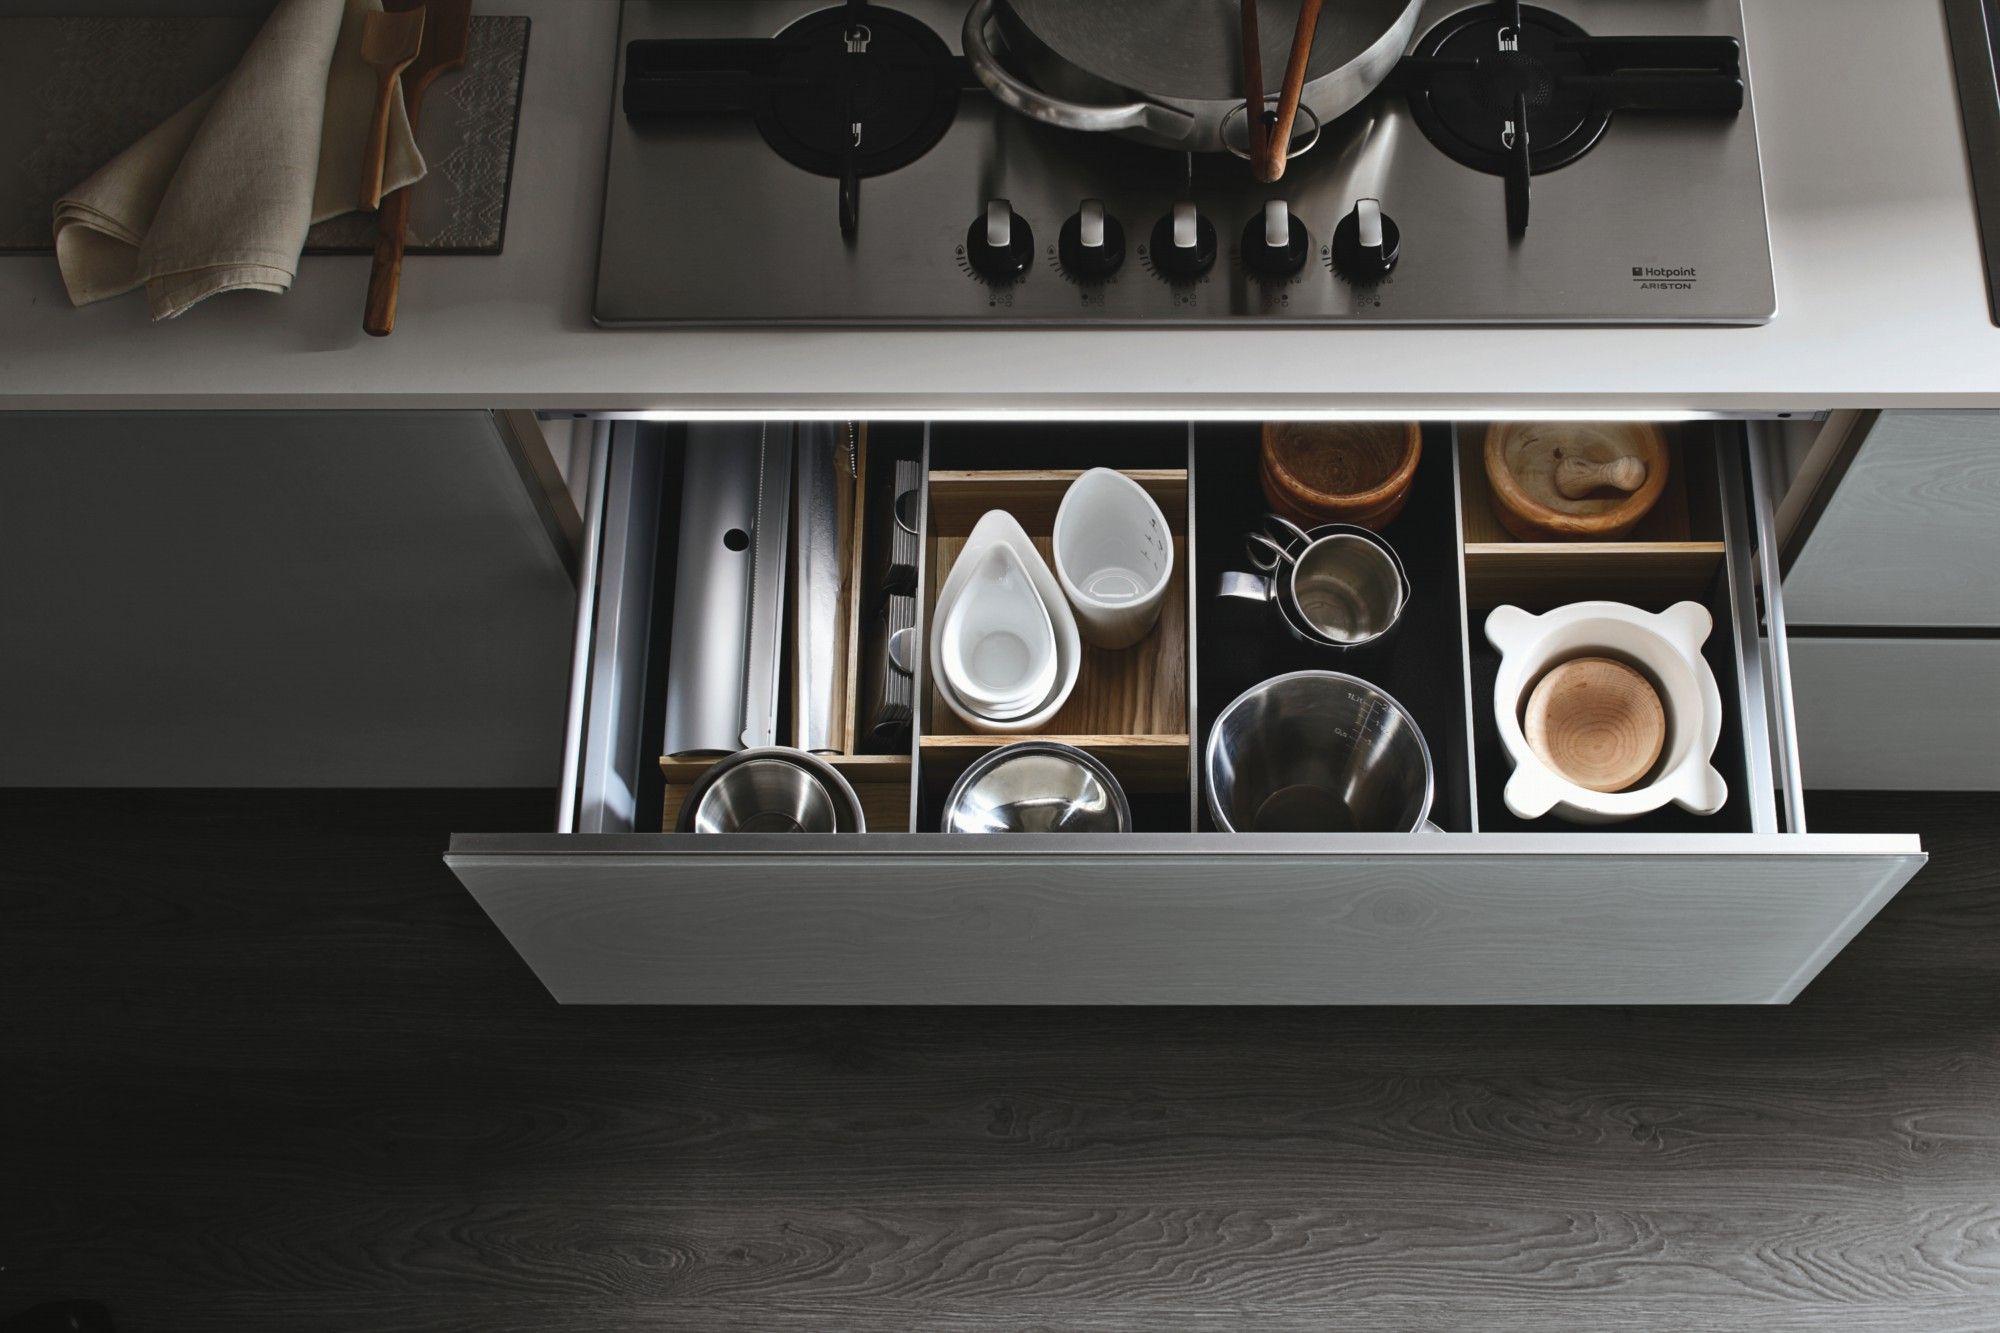 le cucine componibili moderne di stosa cucina originali ed eclettiche anche nei cassetti cucine